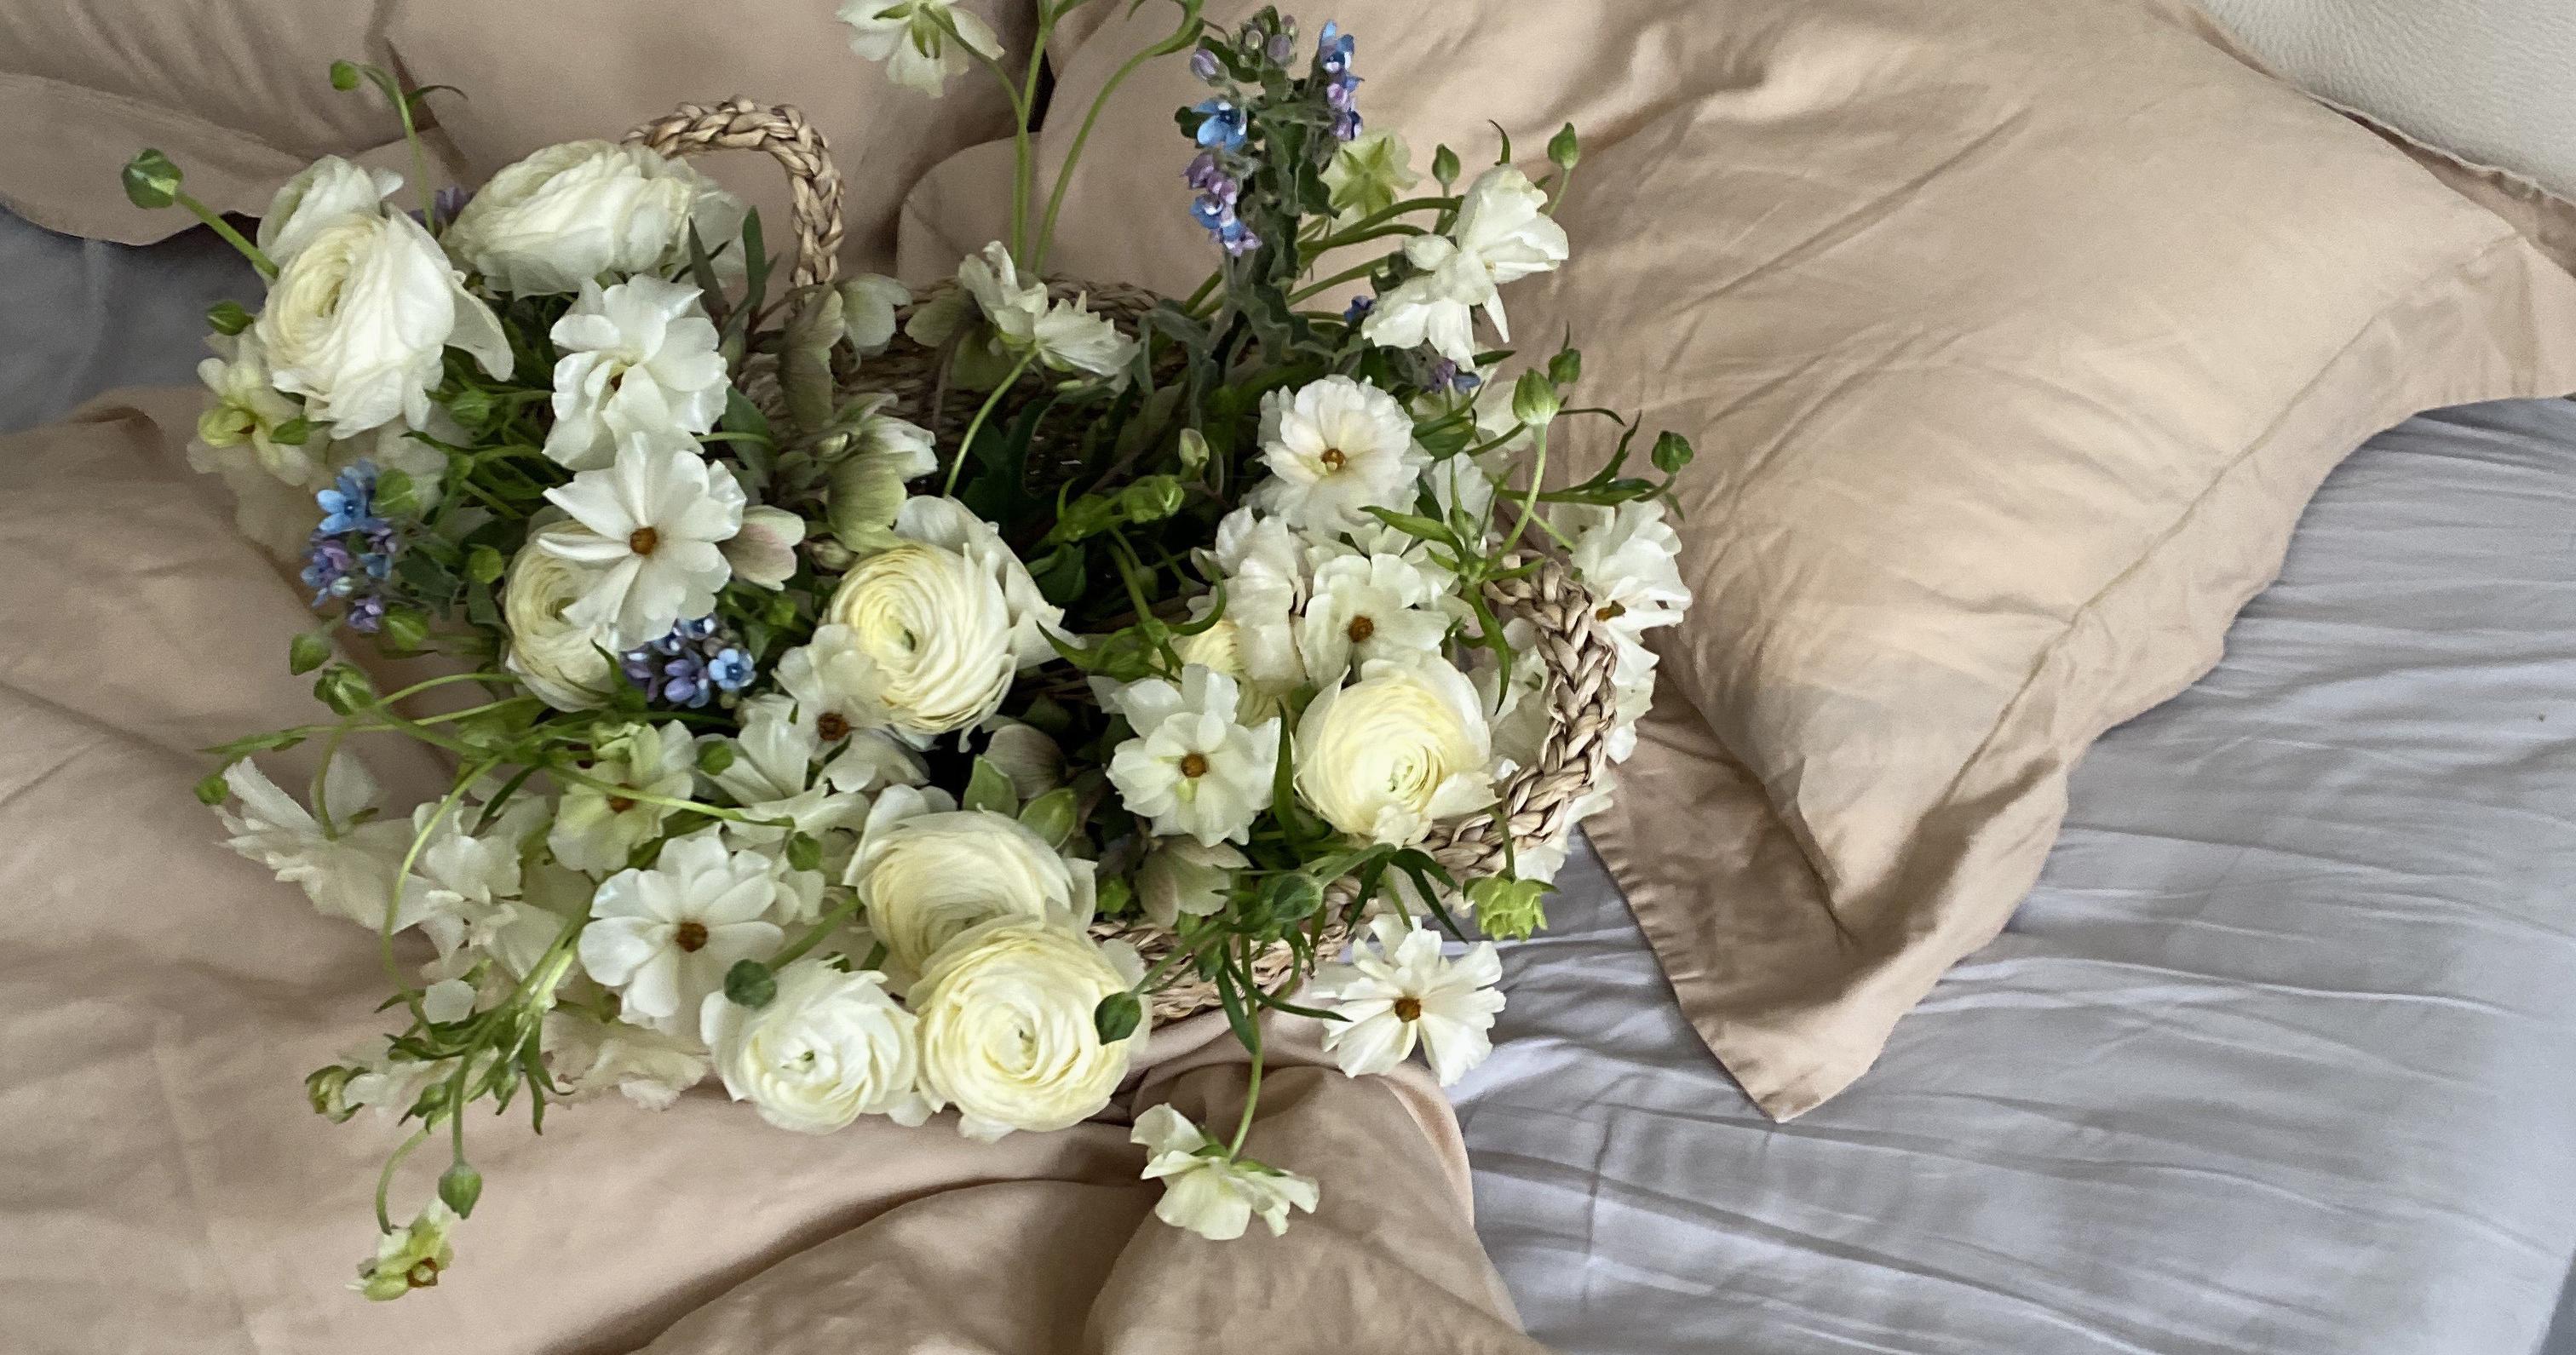 Где заказать красивый букет цветов с доставкой